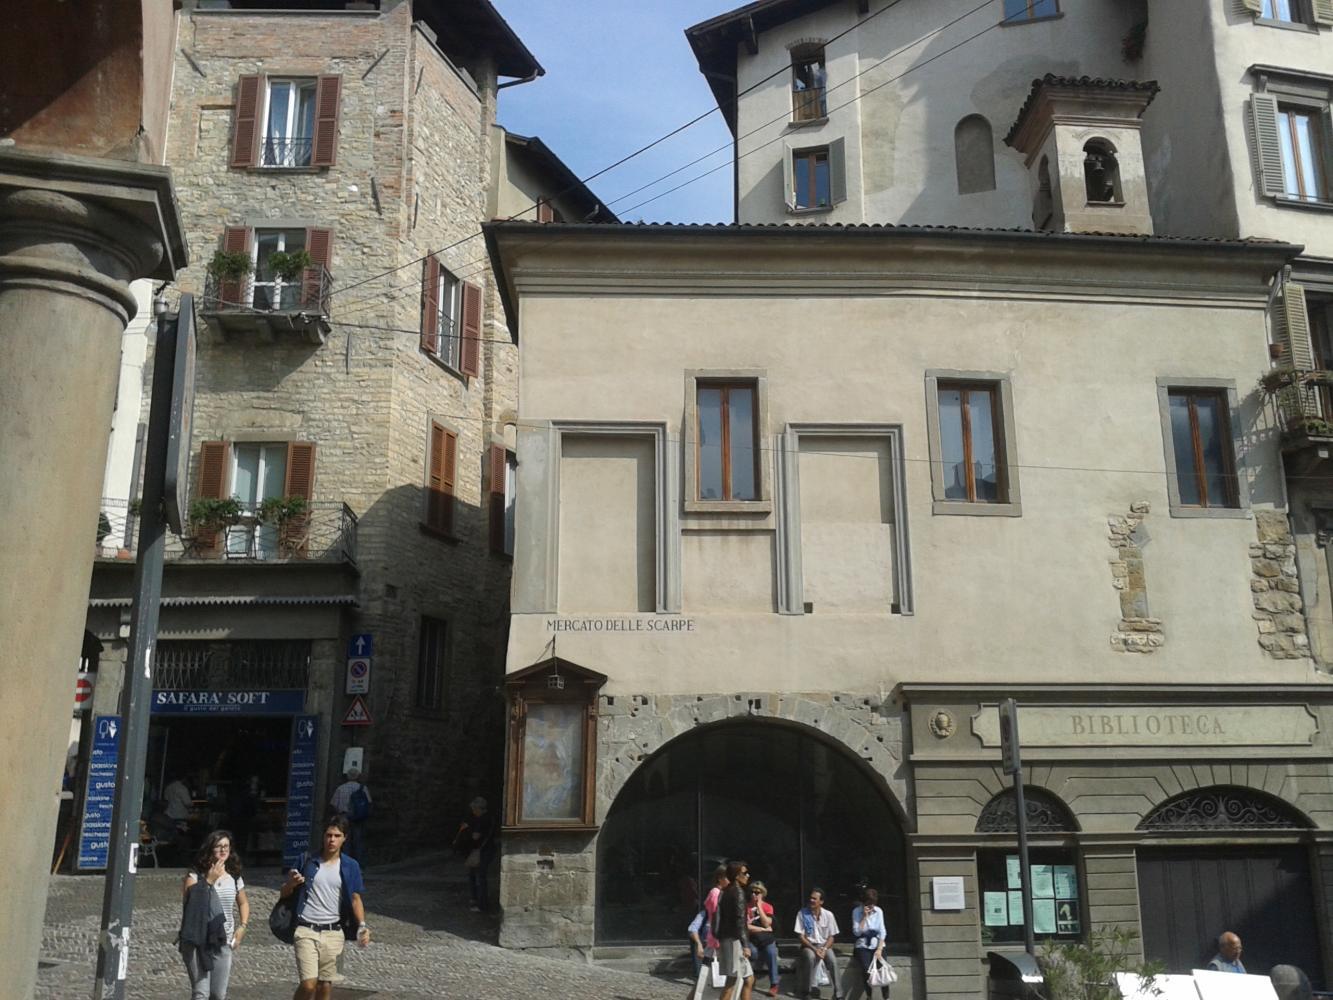 В средневековый Бергамо из Милана. Шаг в прошлое!